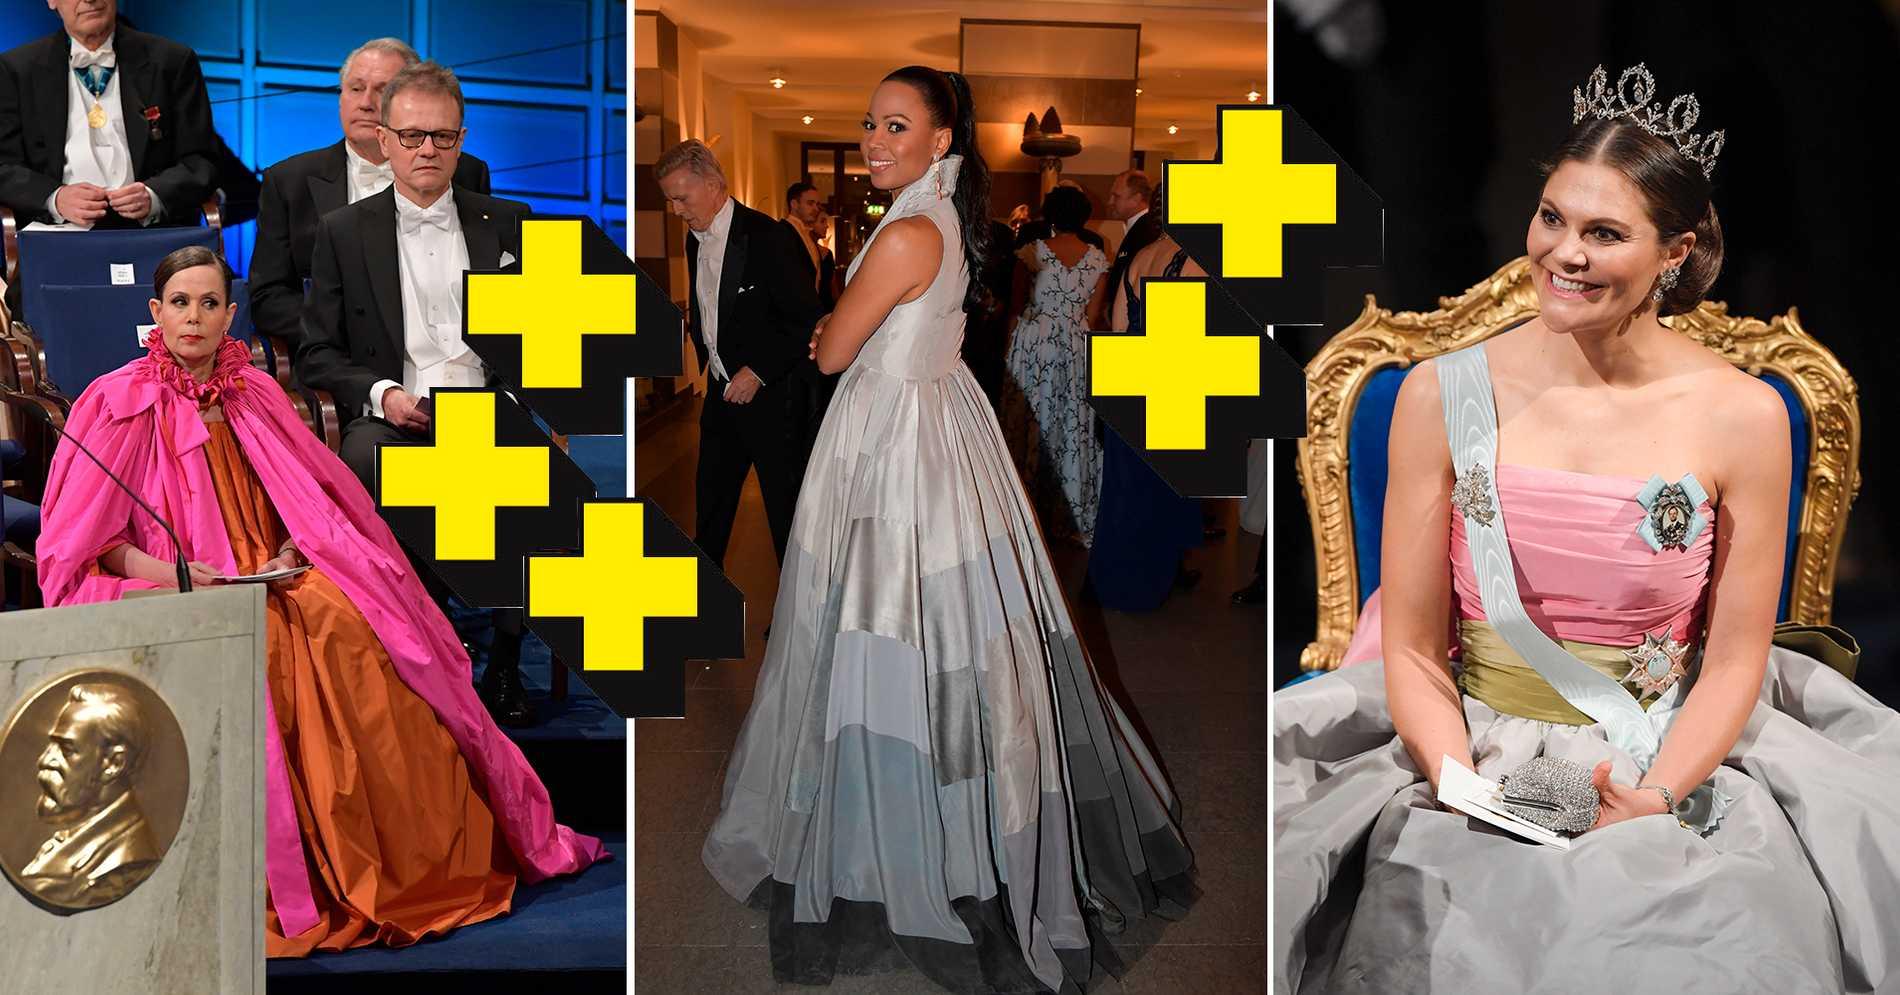 61b255648eb4 Nobelklänningar 2018 – det betyget får klänningarna   Aftonbladet